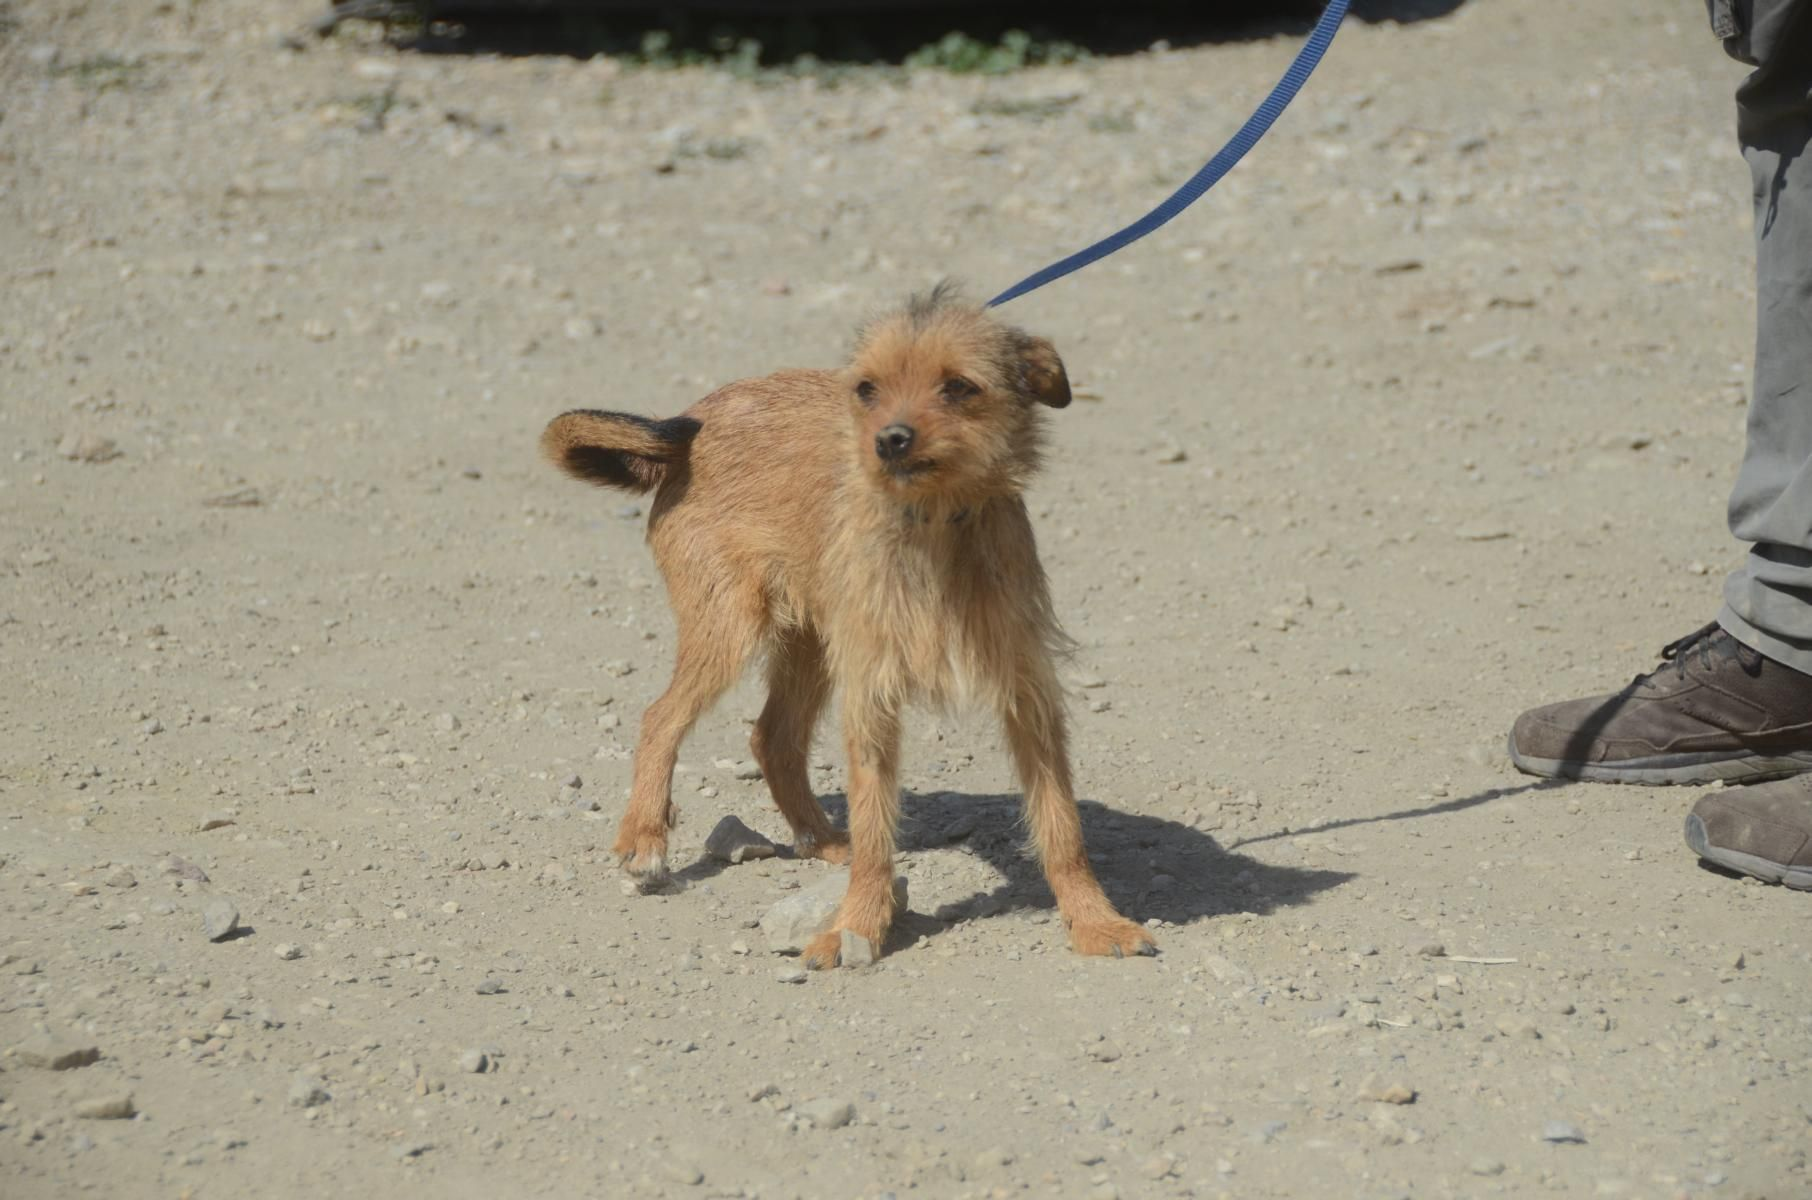 Hund Mischling Mischling Hundin 2 Jahre Spanien Mora Lieber Zwerg Tiere Suchen Ein Zuhause Haustier Susse Tiere